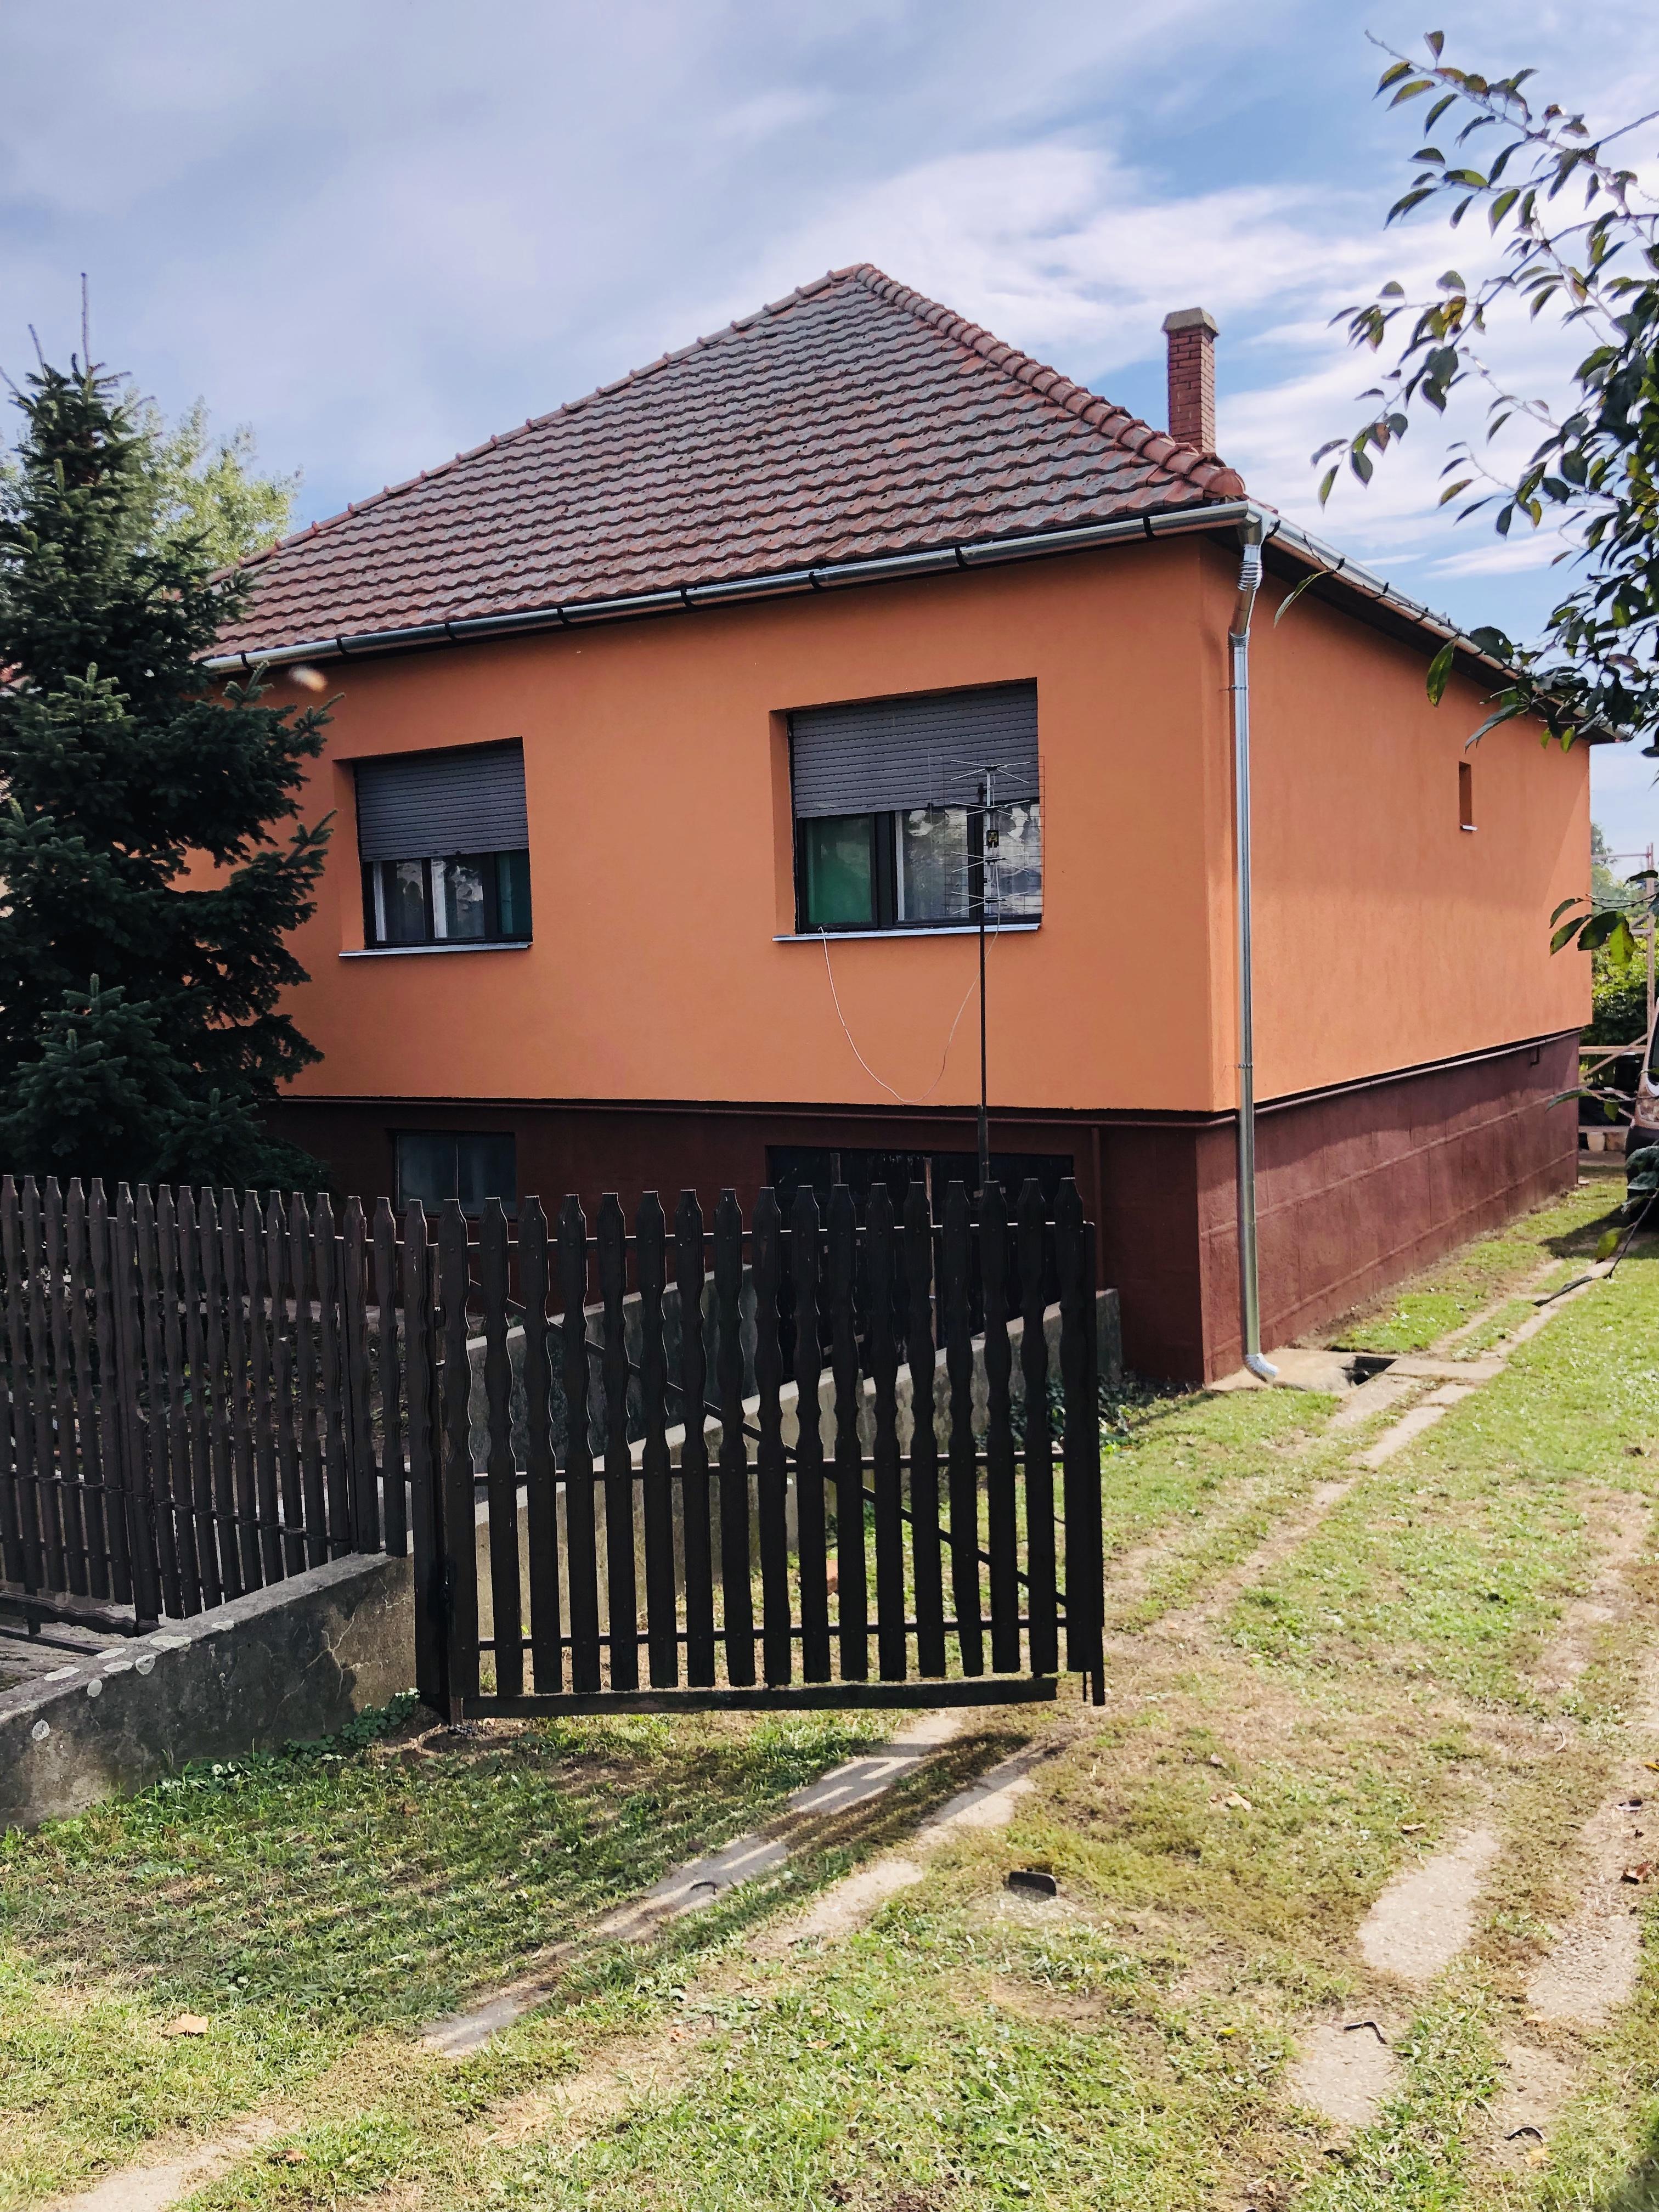 Hőszigetelés Balaton - Balaton hőszigetelés